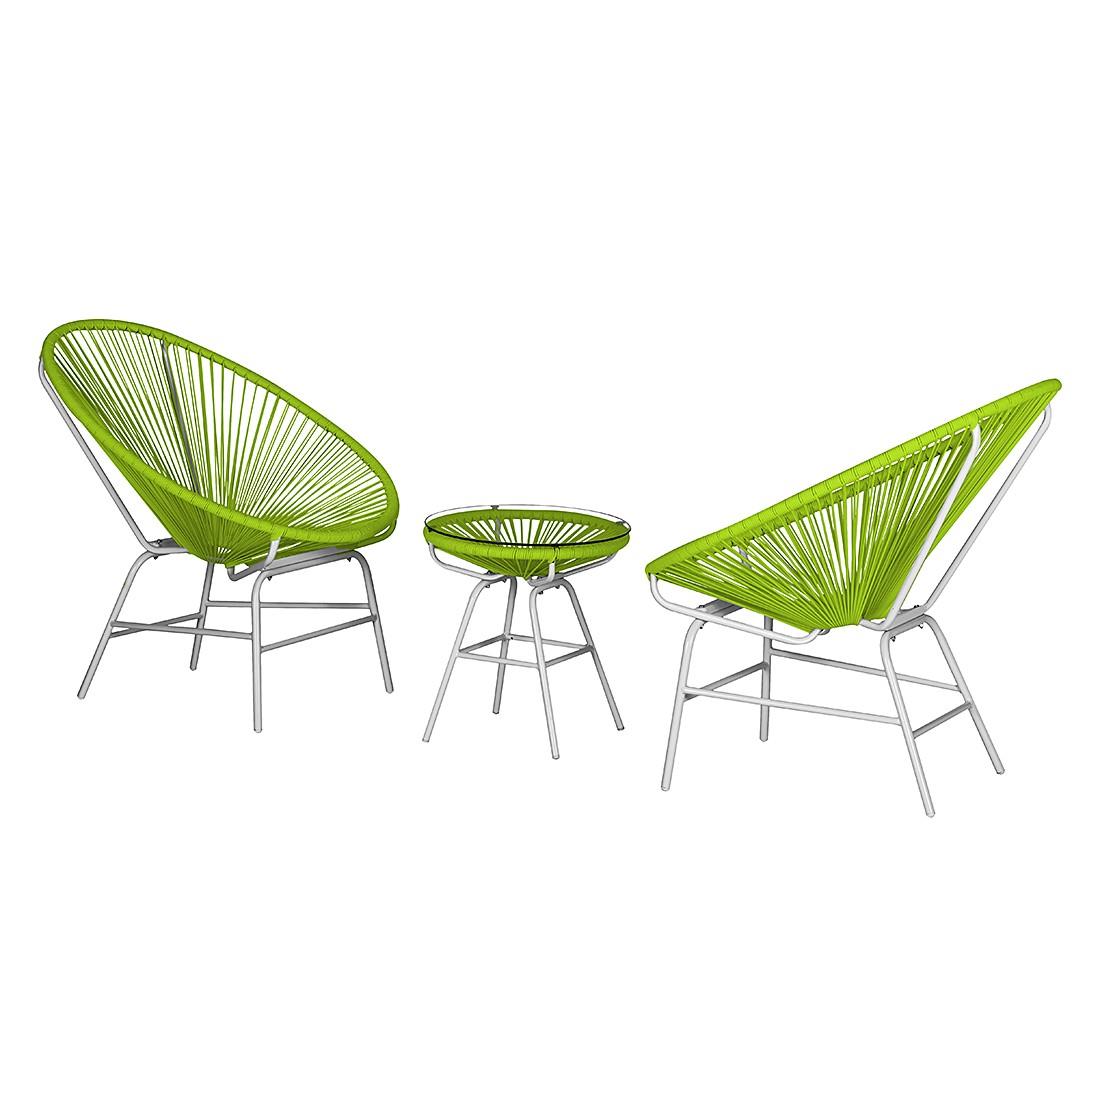 Deinen Garten Günstig Und Schick Mit Gartenmöbel Sets Von Fredriks  Einrichten | Home24